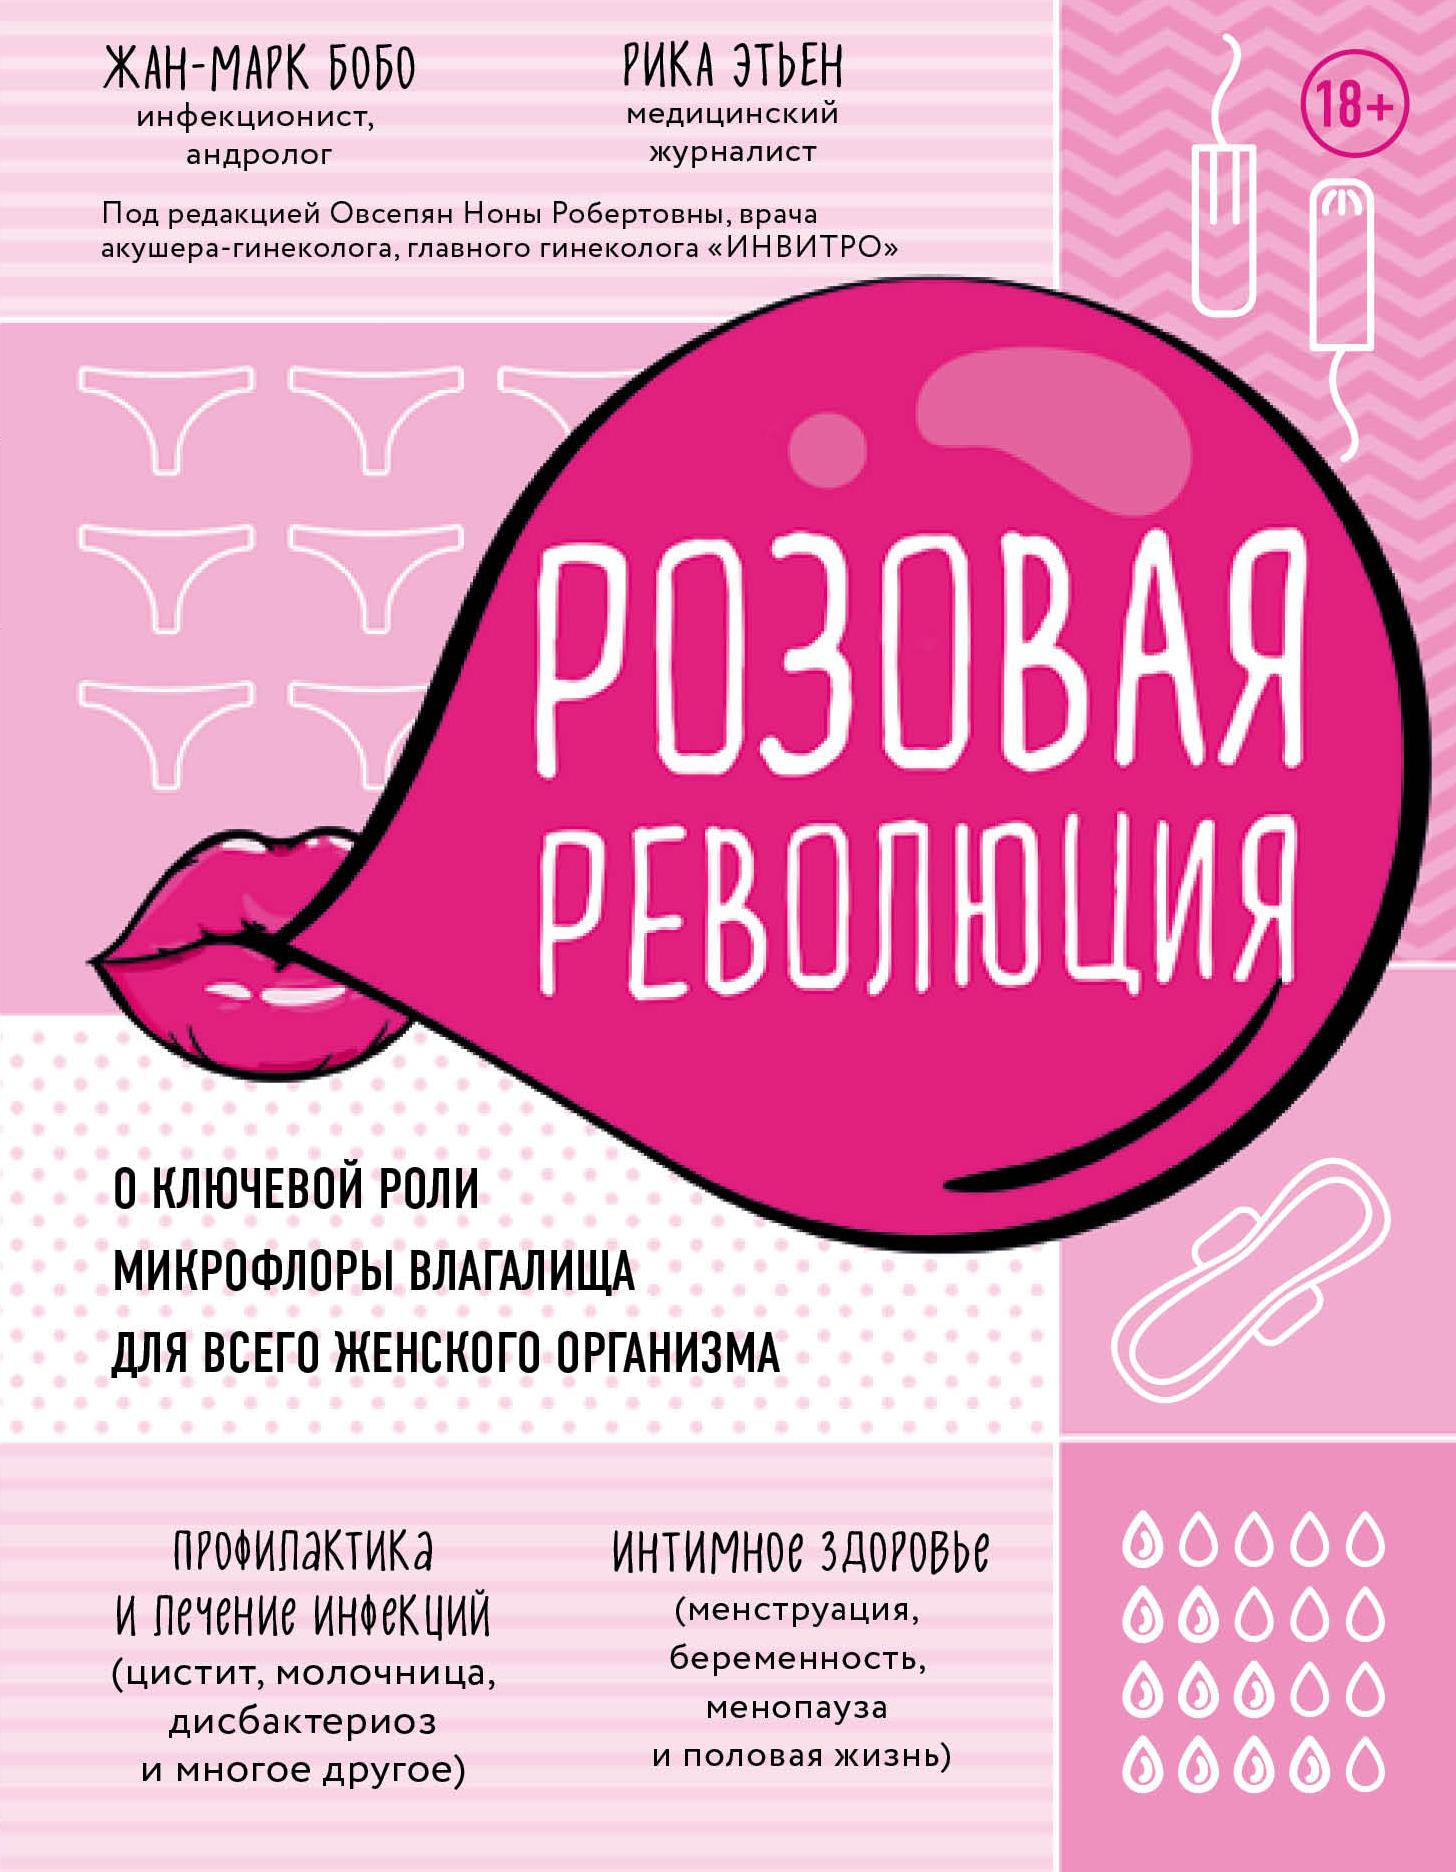 Жан-Марк Бобо. Розовая революция. О ключевой роли микрофлоры влагалища для всего женского организма